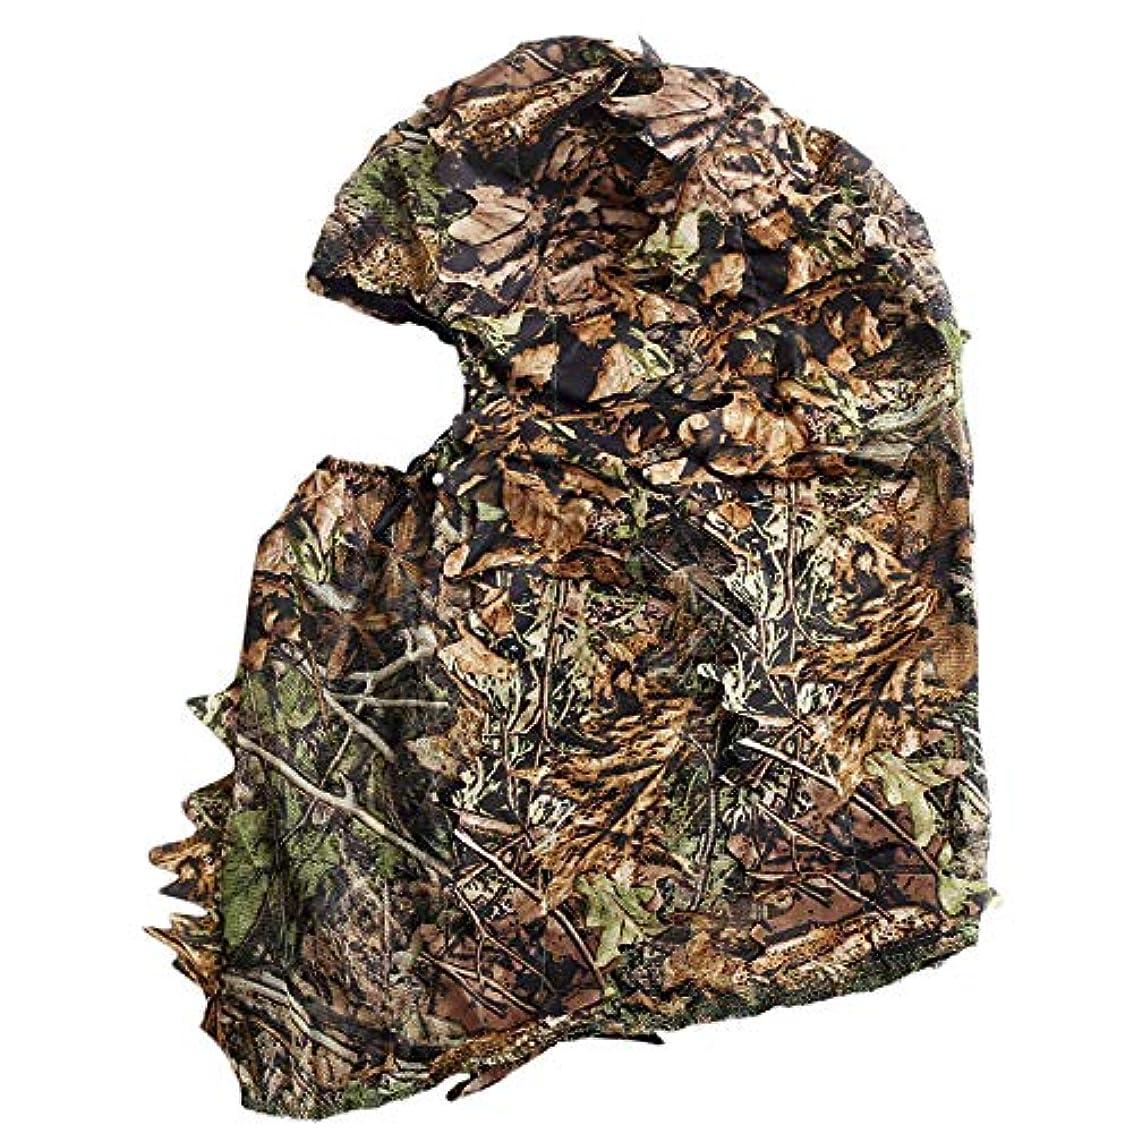 フェデレーション疲労クリーナーTOOGOO カモフラージュ?ハンティング 木の葉3Dフェイスマスク フード屋外狩猟釣りヘッドギアカモ帽子